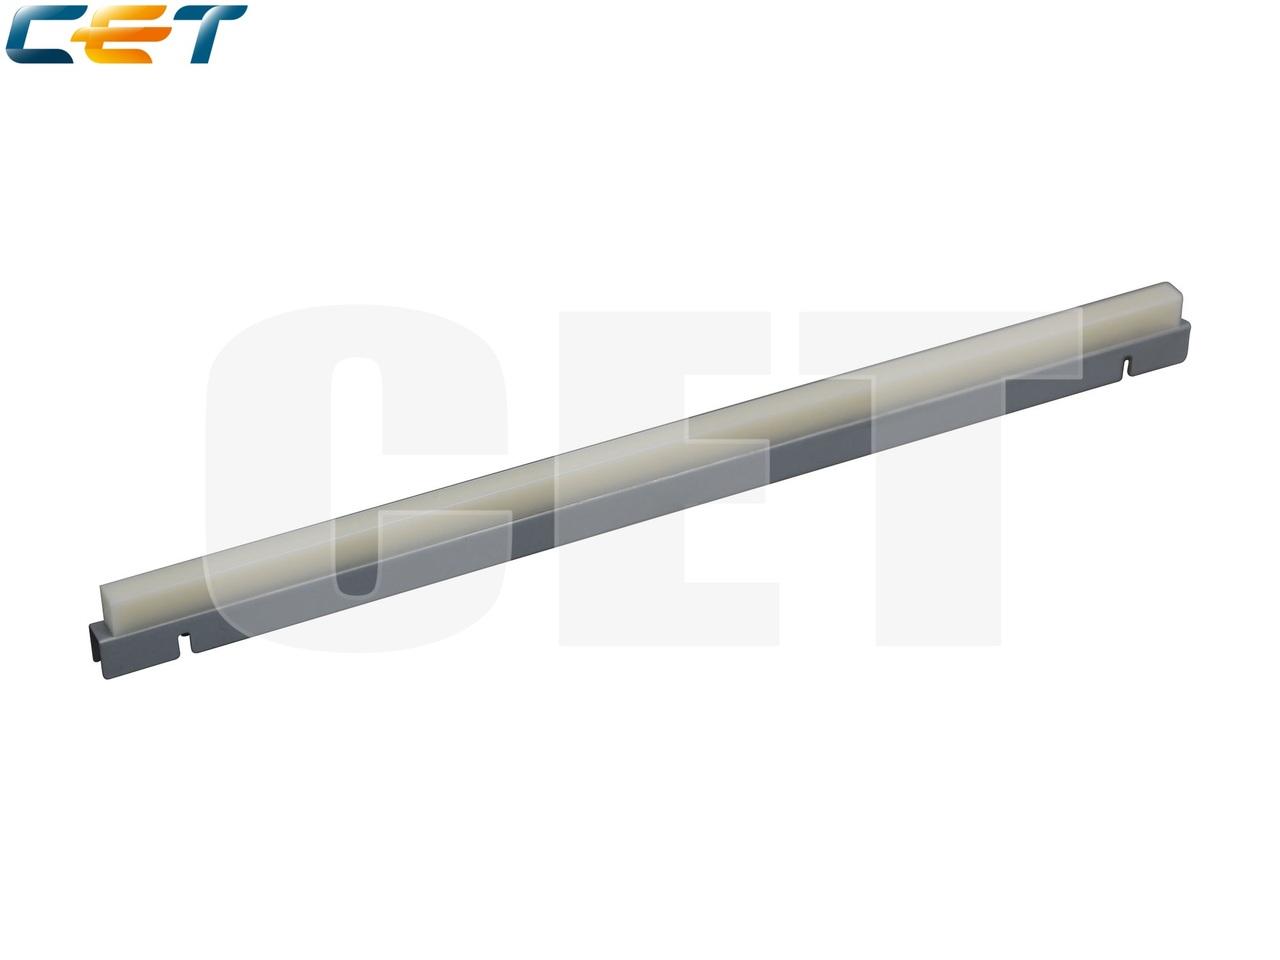 Смазывающая планка ленты переноса для RICOH AficioMPC2500/MPC3000 (CET), CET6102